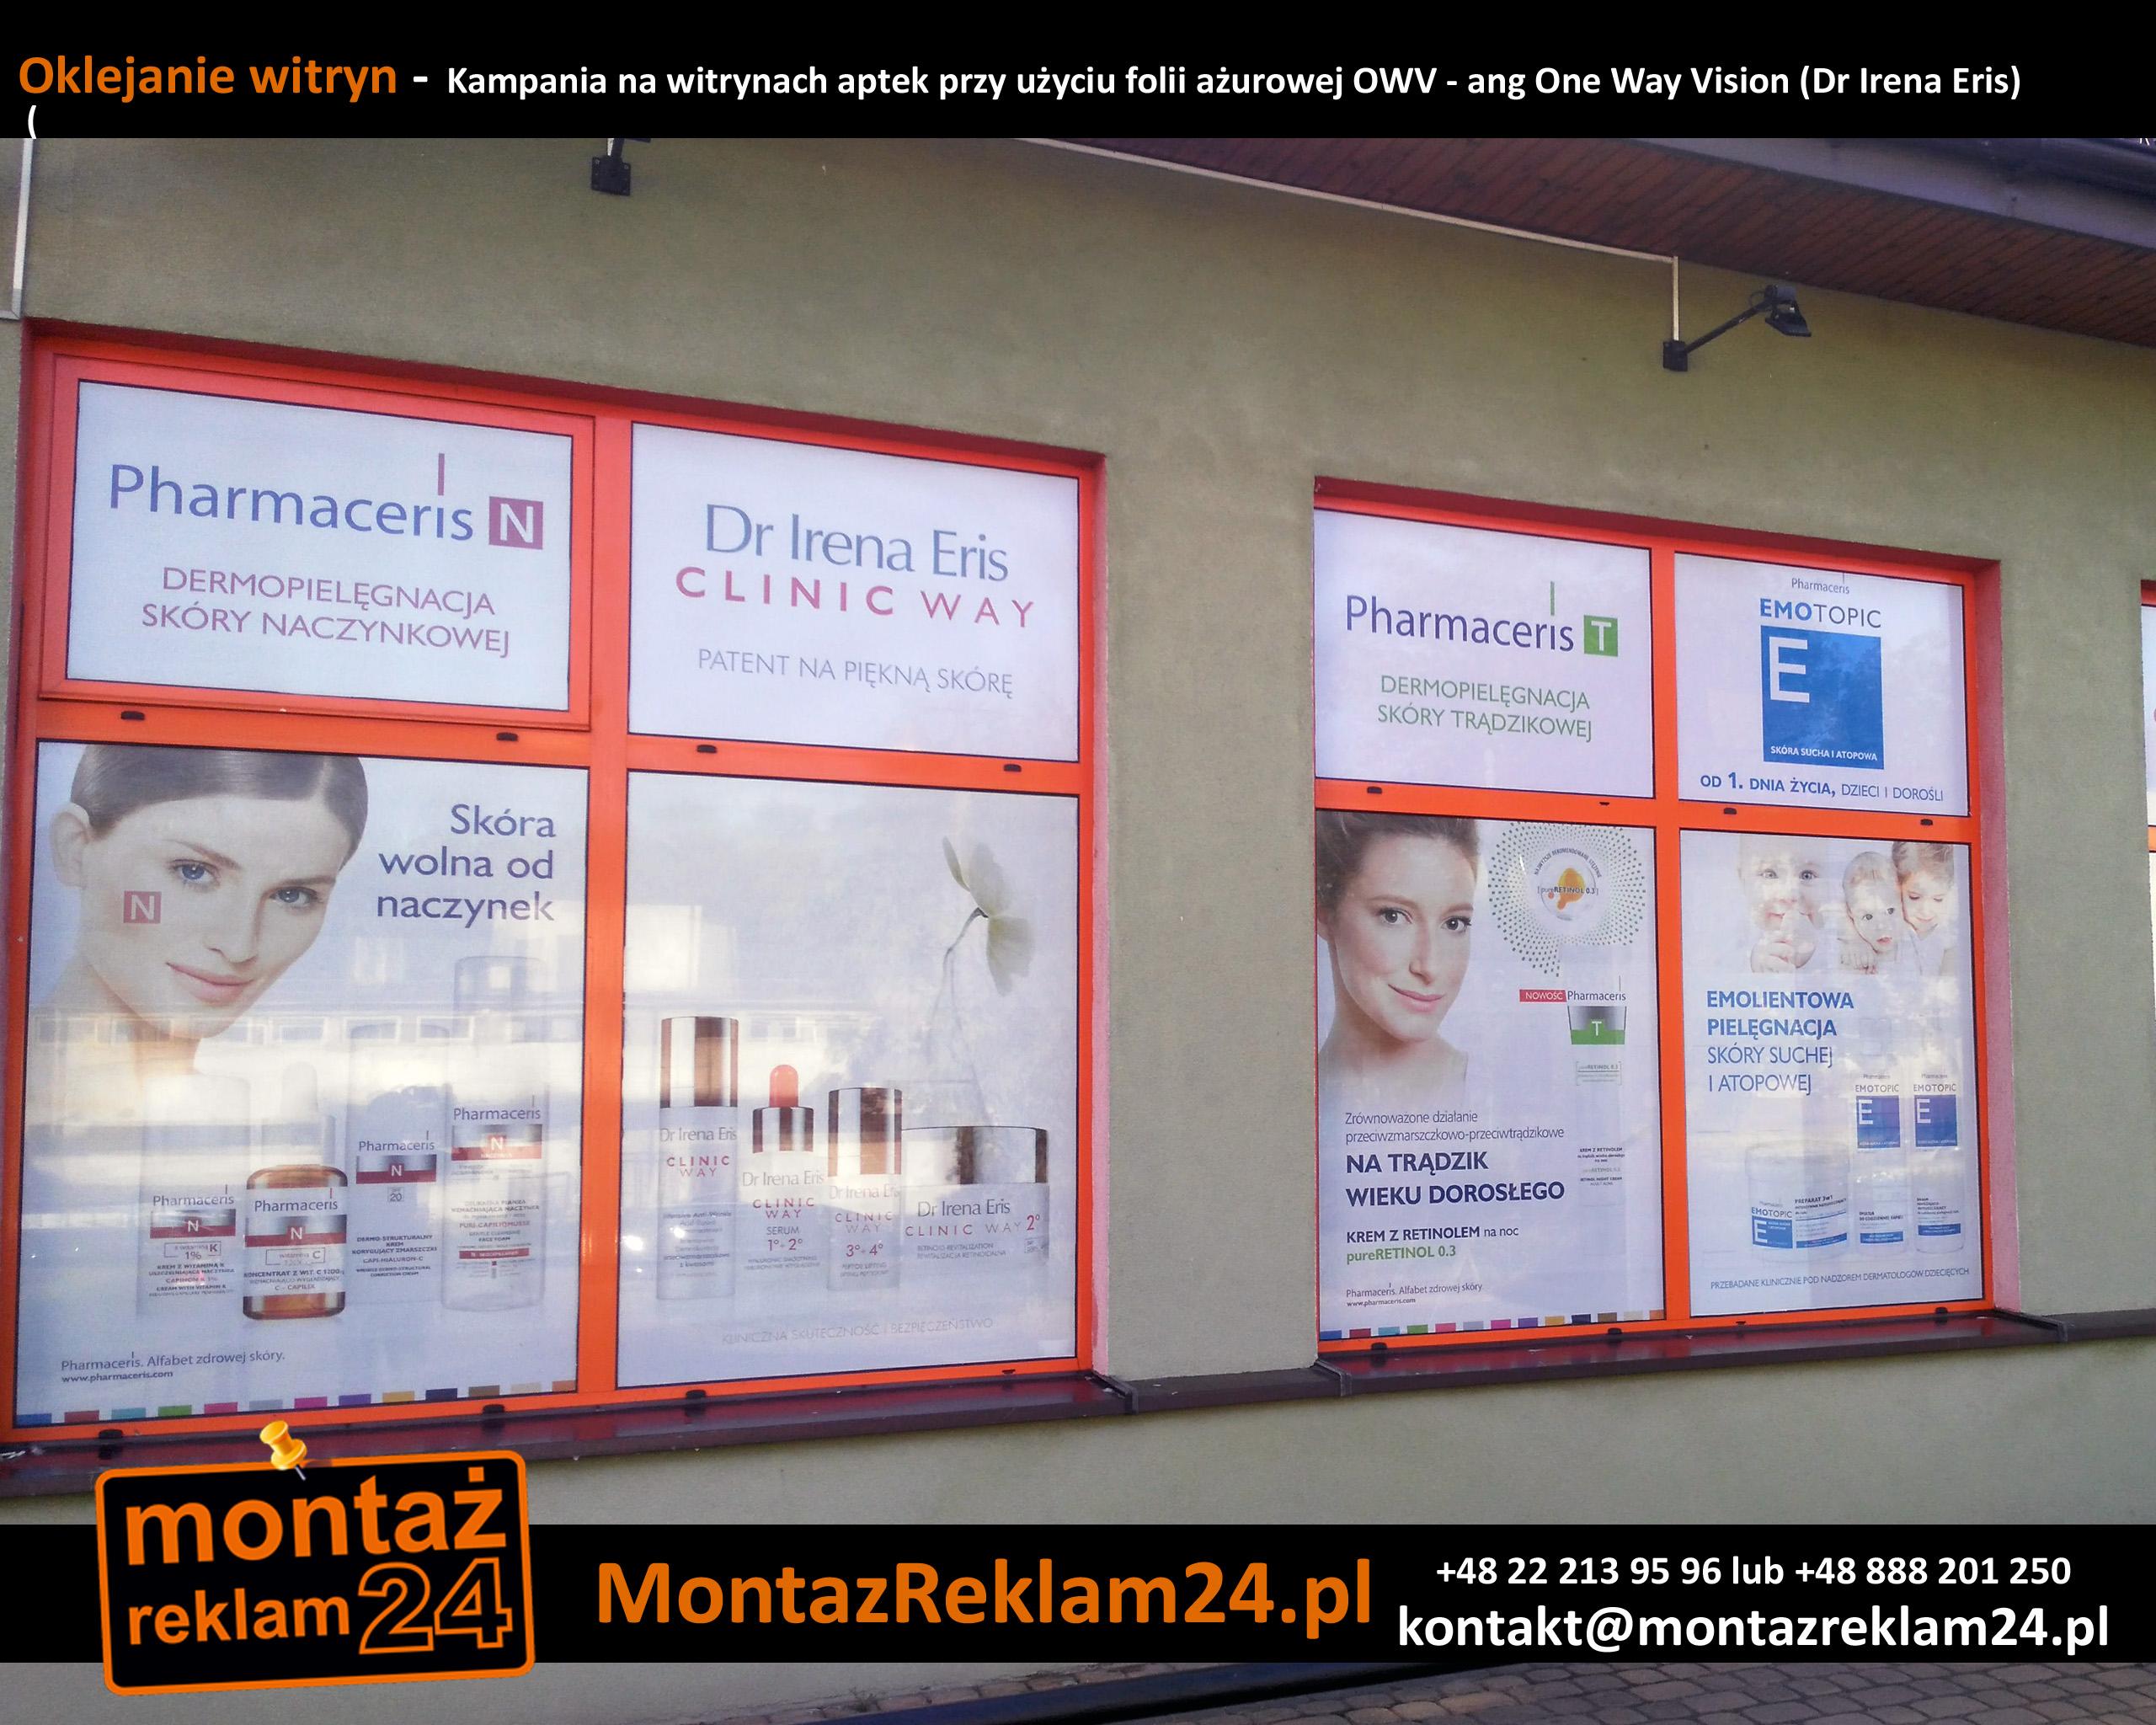 Oklejanie witryn -  Kampania na witrynach aptek przy użyciu folii ażurowej OWV - ang One Way Vision (Dr Irena Eris).jpg